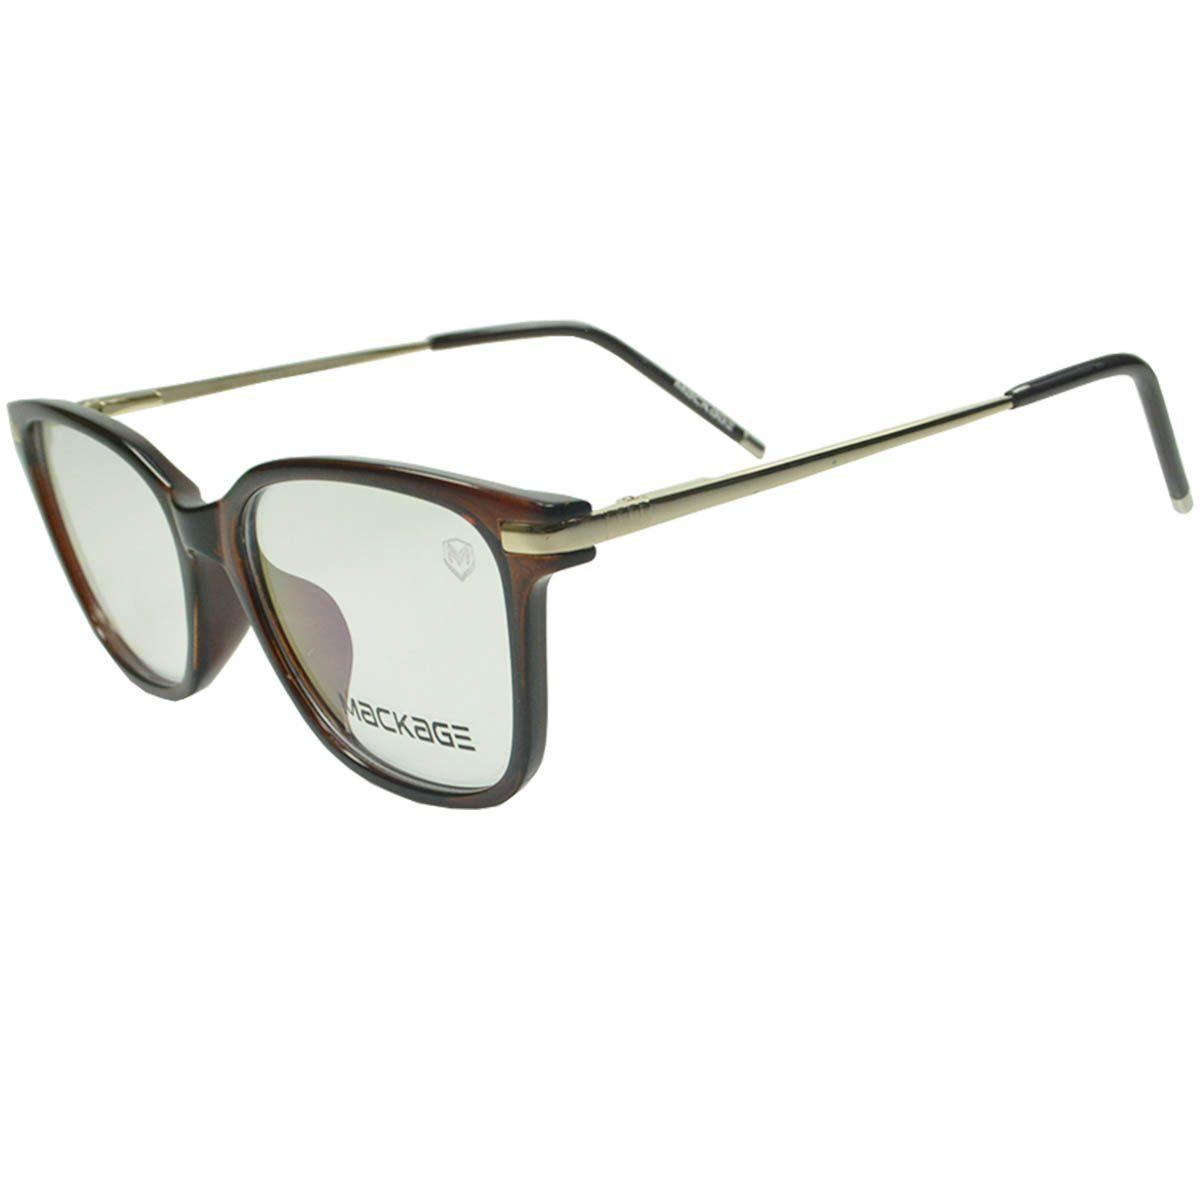 Óculos Mackage Armação MKA5608C5 Marrom